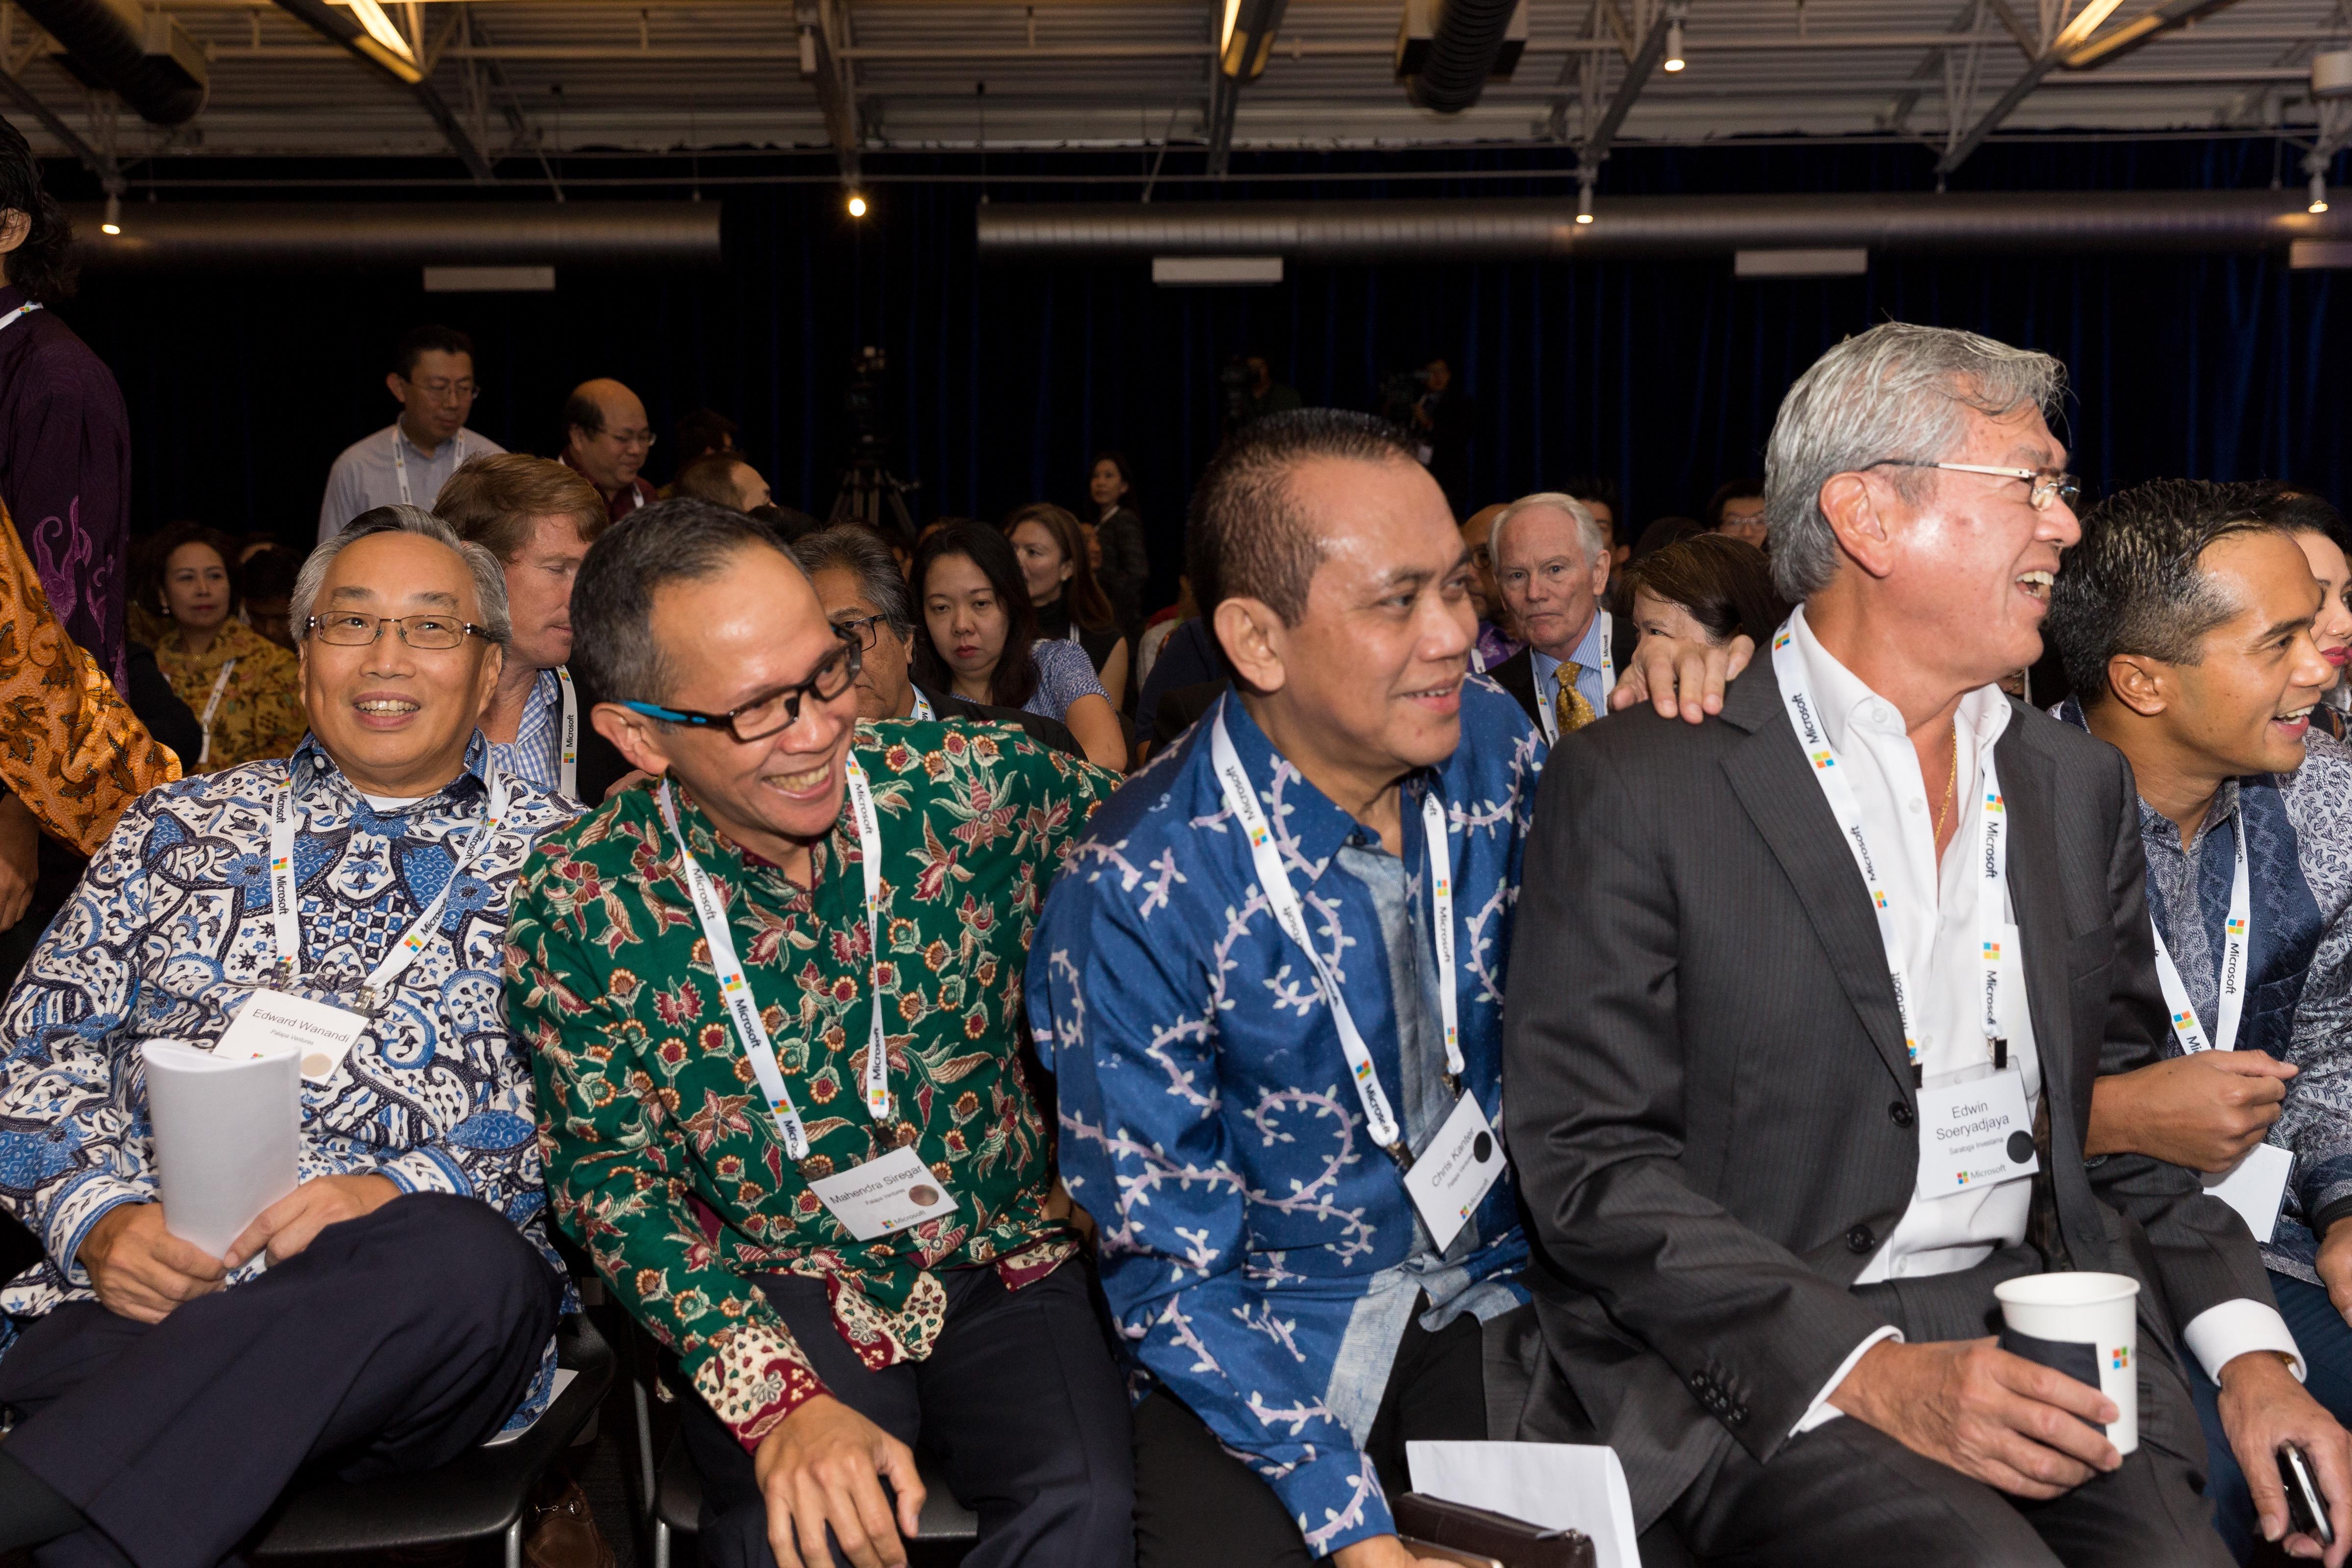 Indo delegation visit to SV - 32 of 115